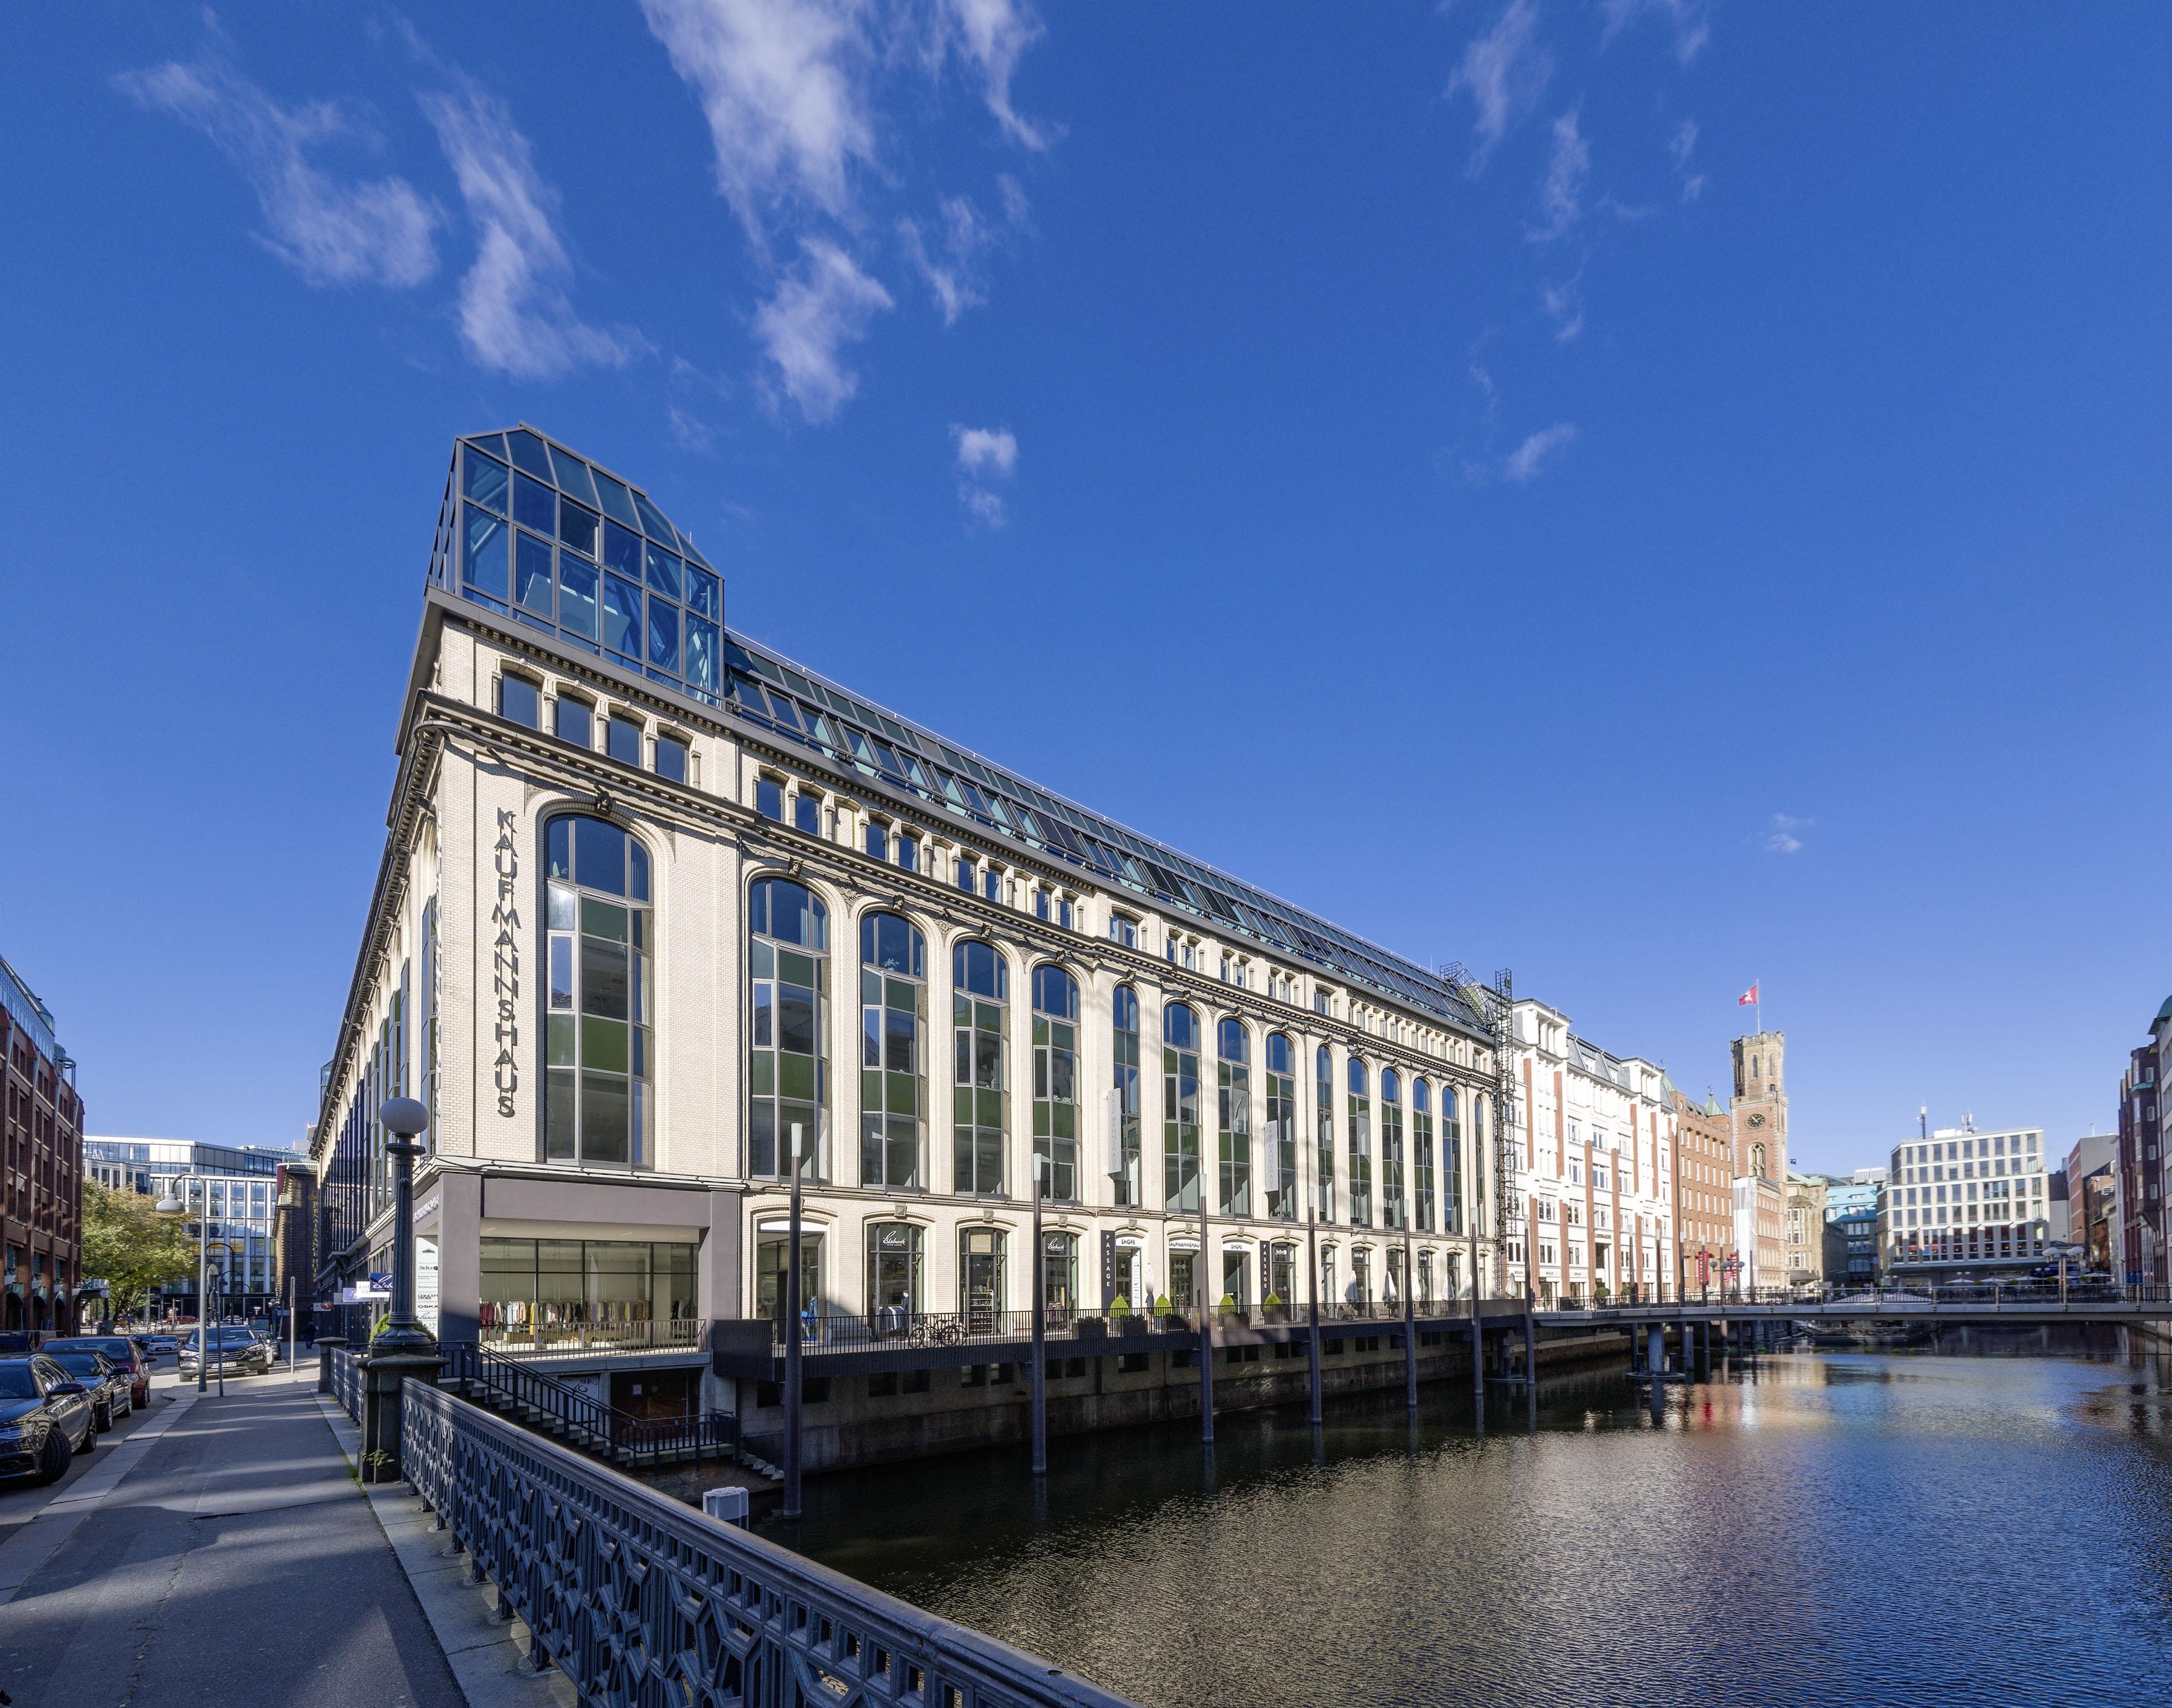 Architekturfotograf Hamburg rent24 expandiert in hamburg diesen herbst eröffnet rent24 einen